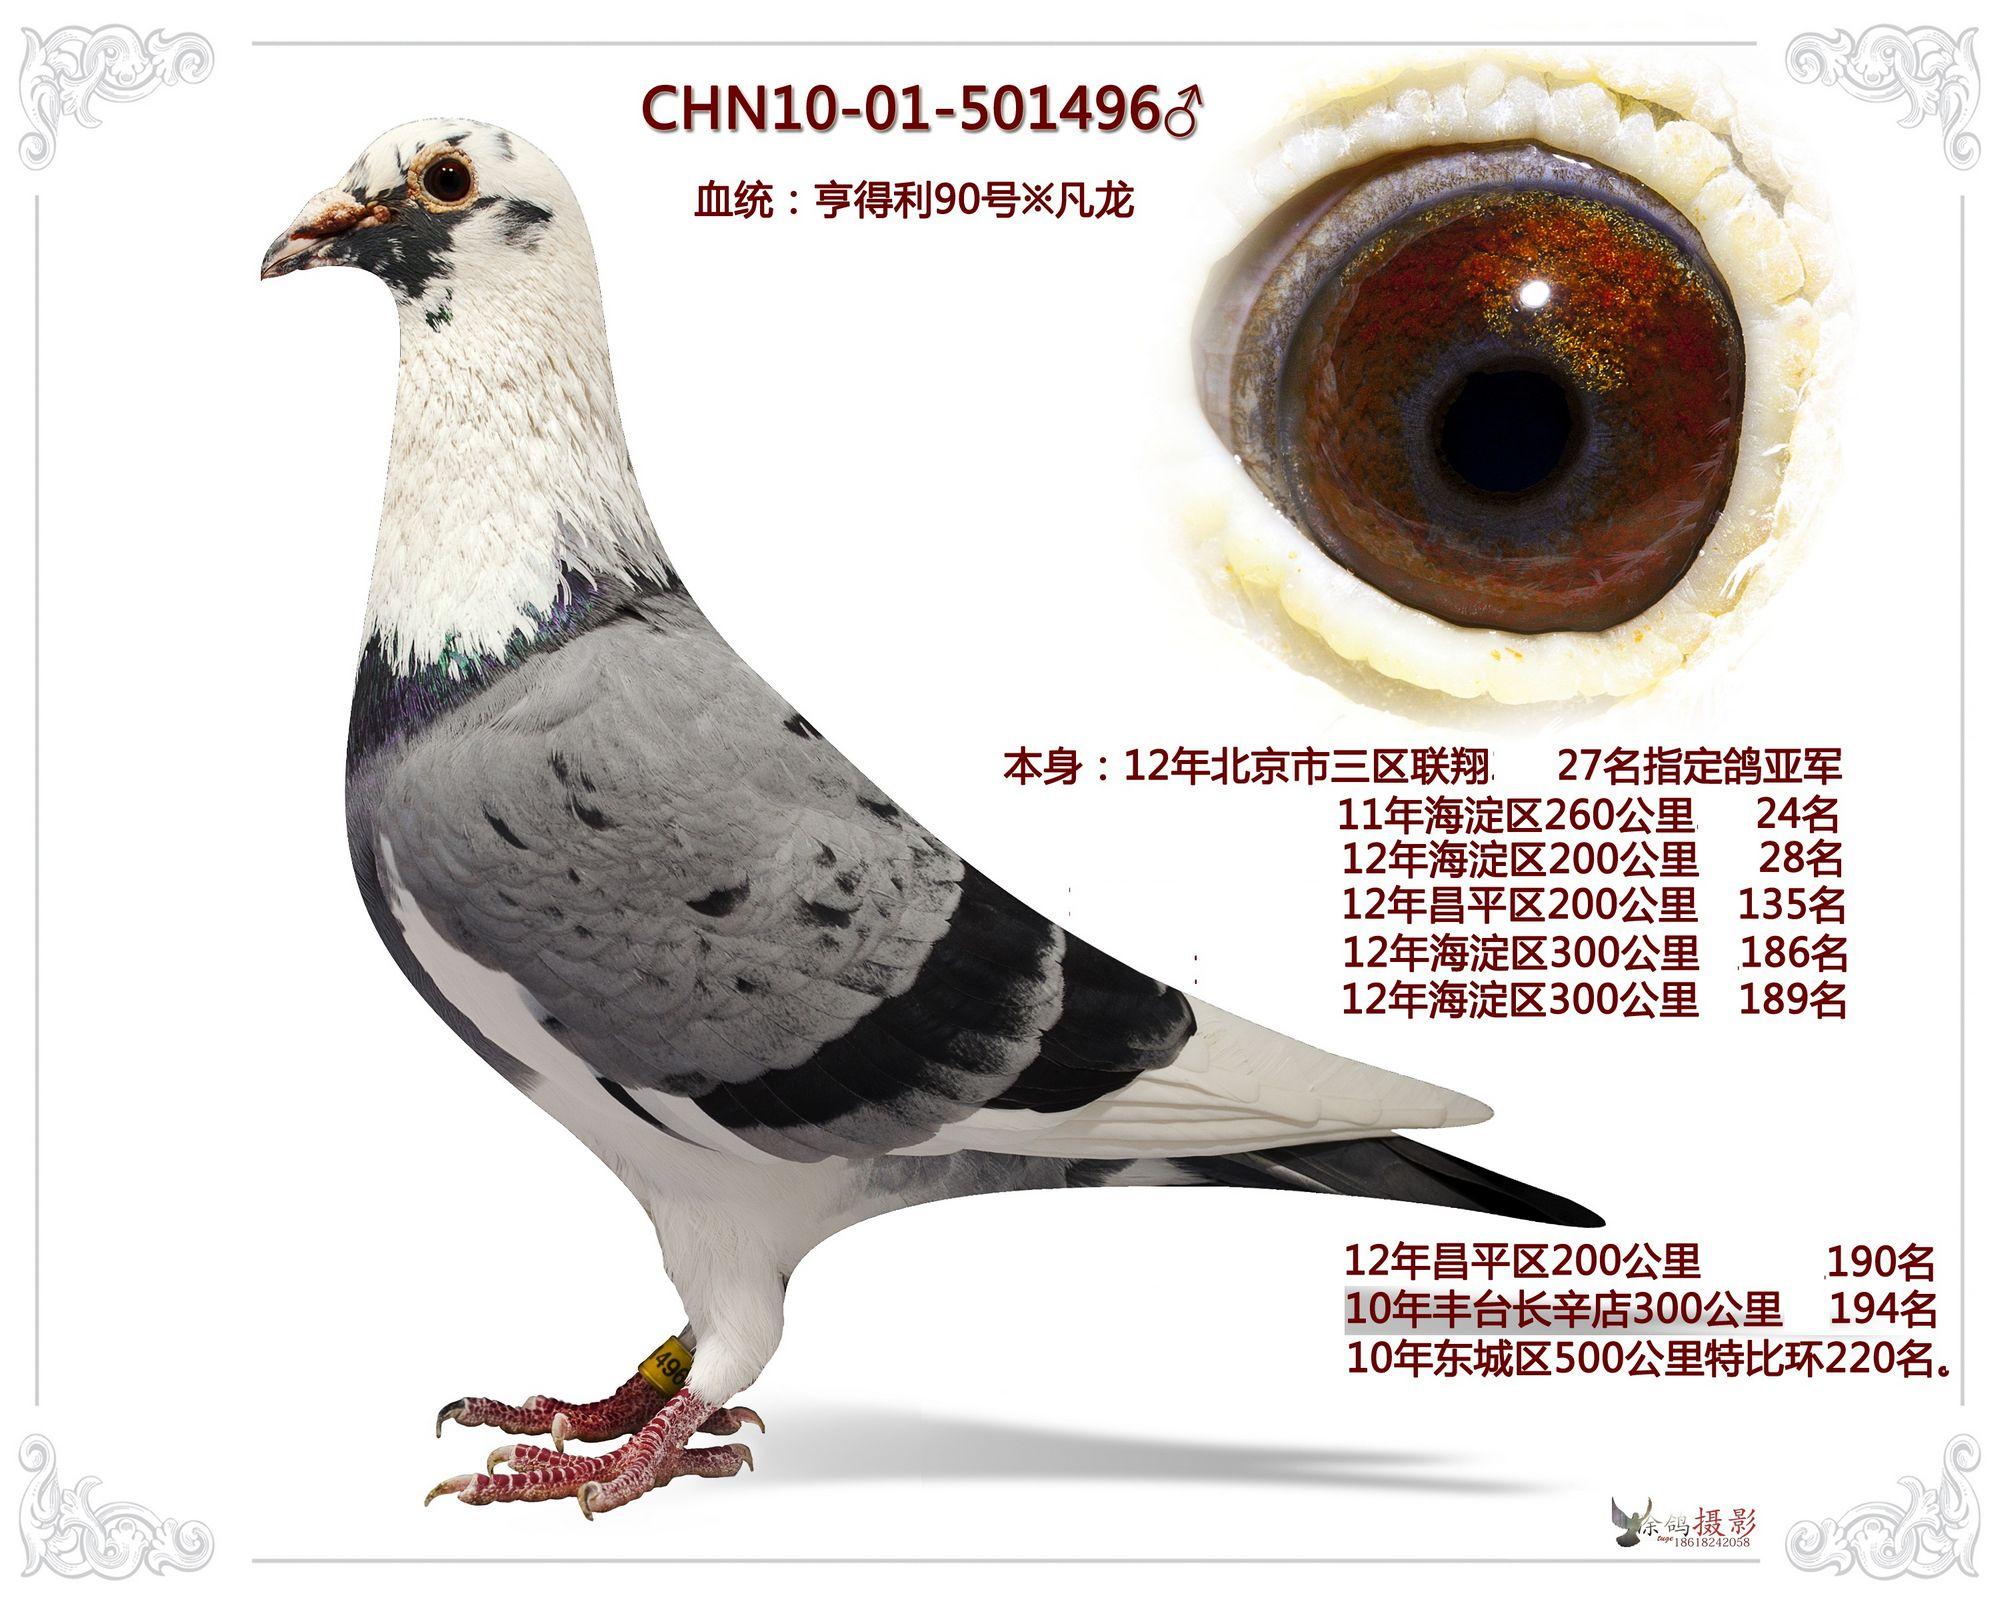 教学鸽青蛙鸽子图示鸟鸟类2000_1600红烧动物的简单做法图片